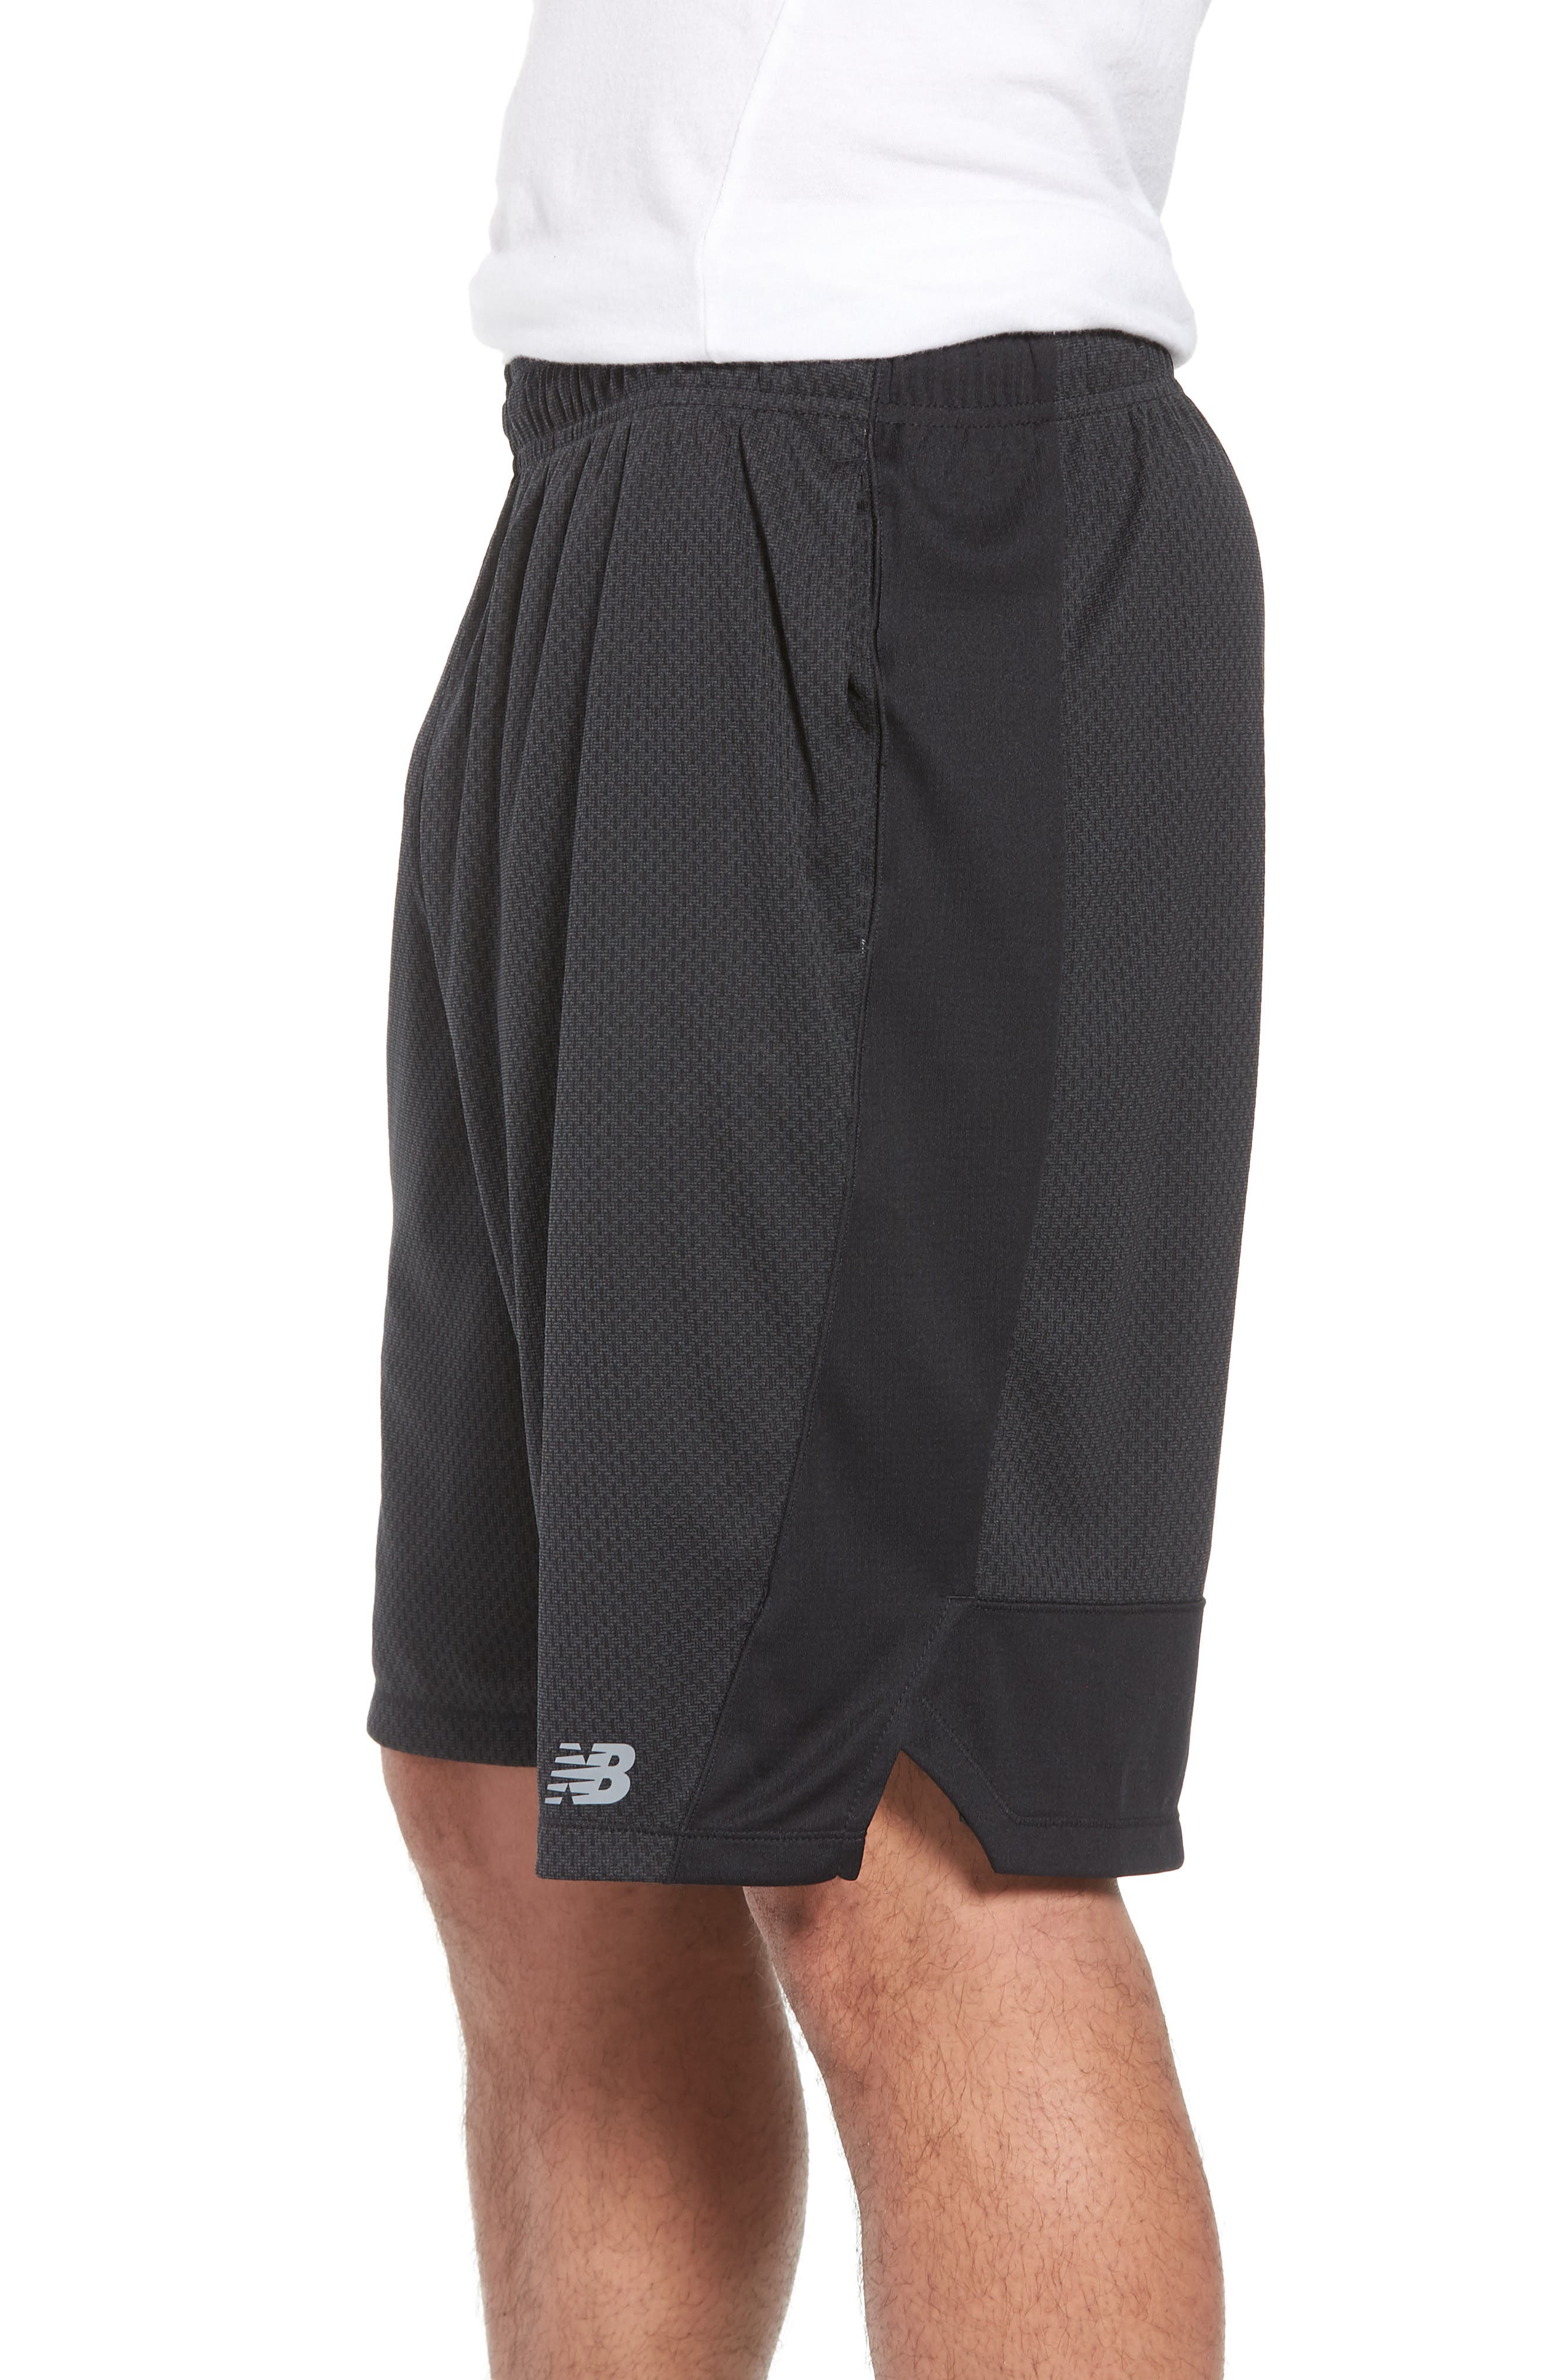 Tencity Knit Shorts,                             Alternate thumbnail 3, color,                             Black